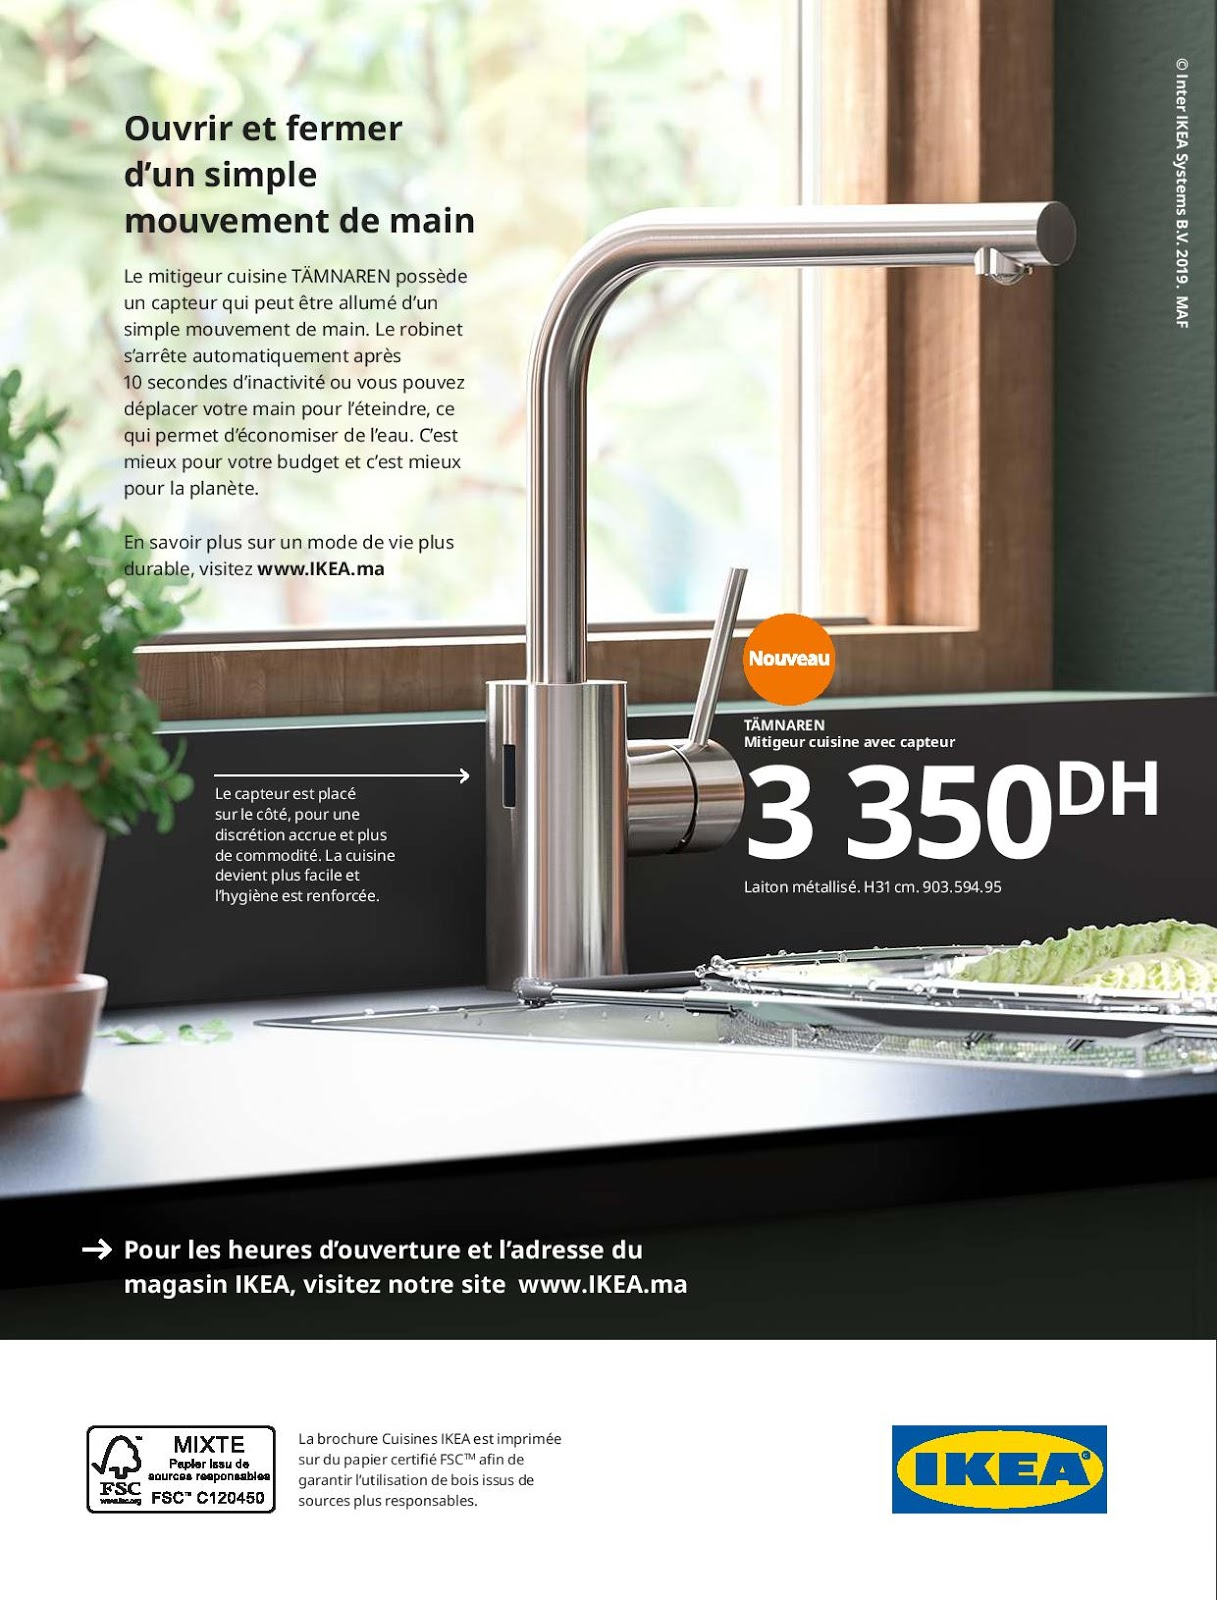 Brochure IKEA Maroc Nouvelle Année 2020